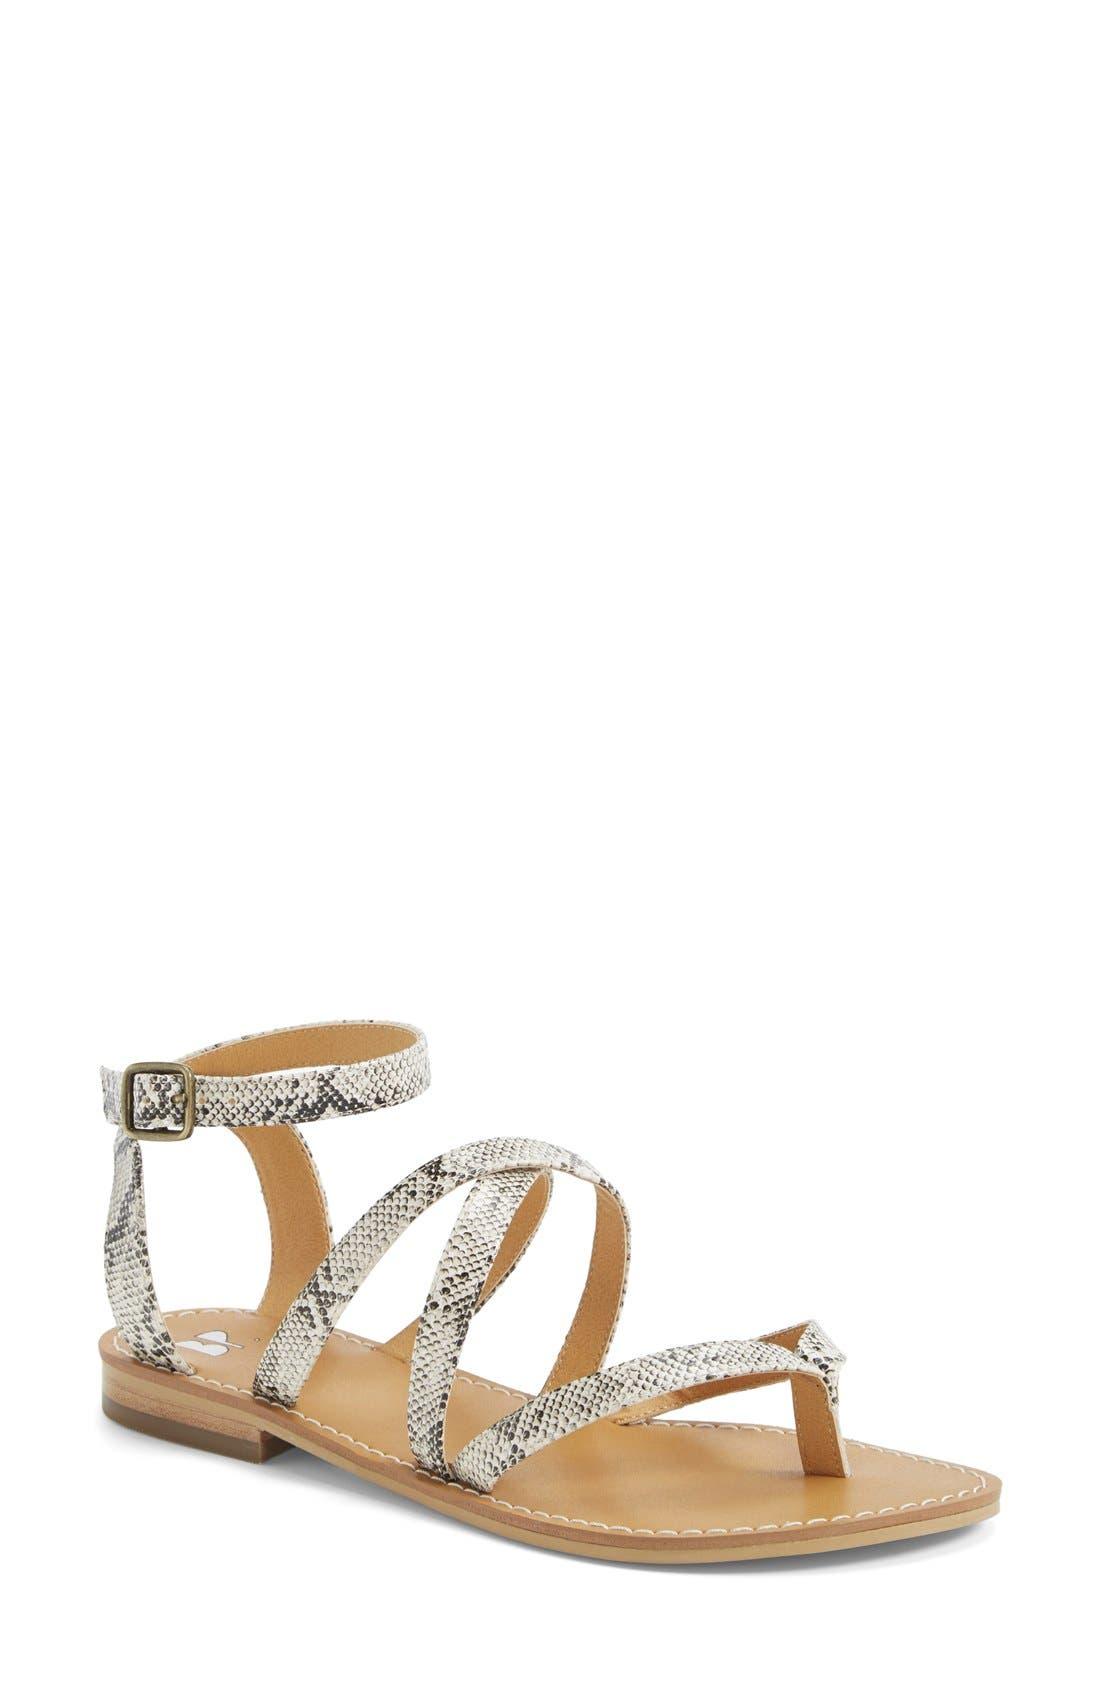 Alternate Image 1 Selected - BP. 'Adriatic' Sandal (Women)